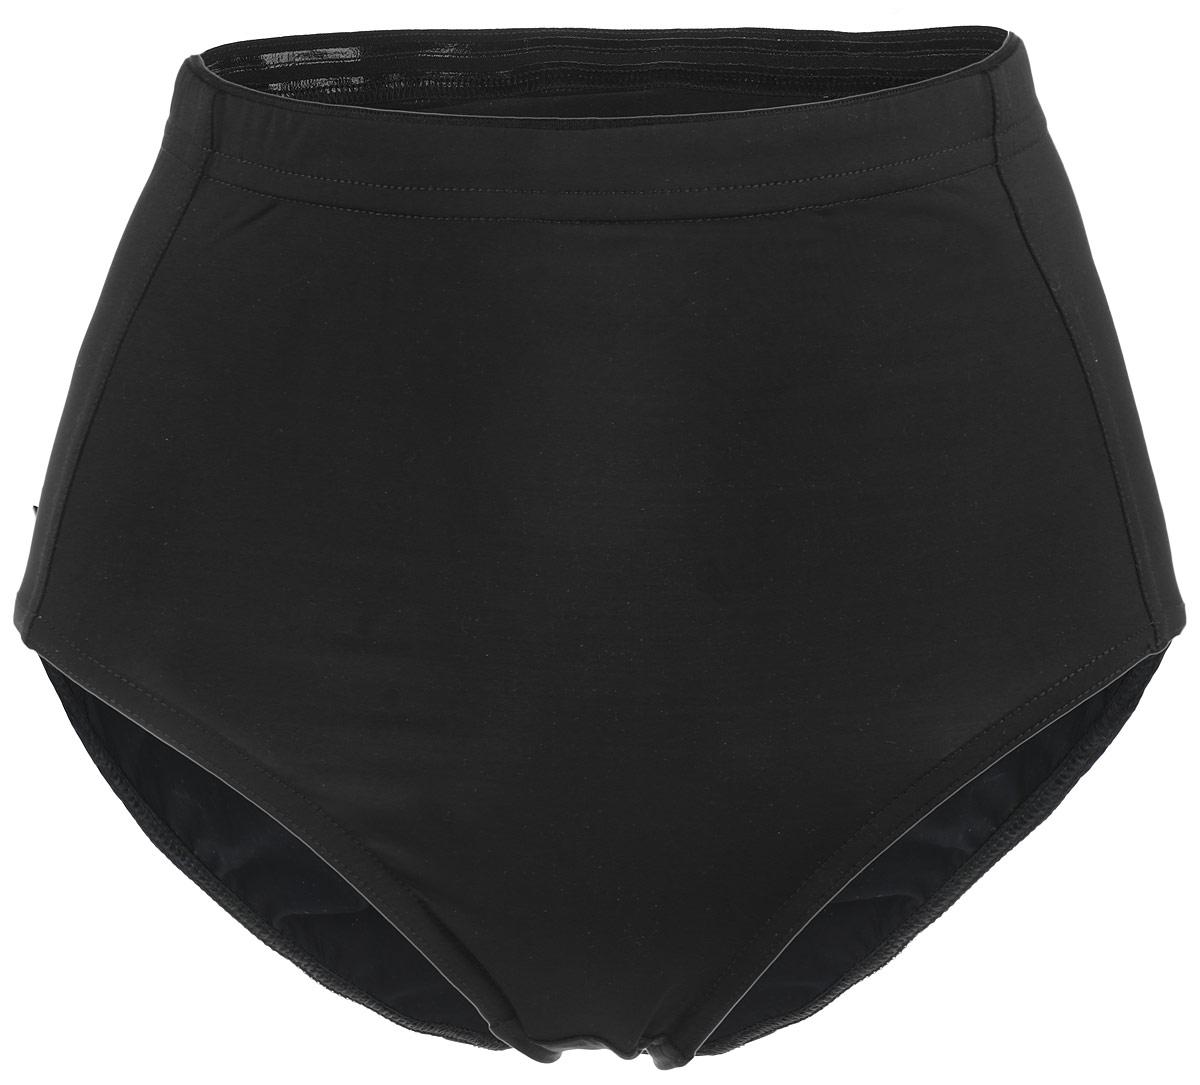 Трусы-макси женские Smart Textile Body Perfection Коррекция тела, цвет: черный. BC01-1. Размер S/M (42/44)